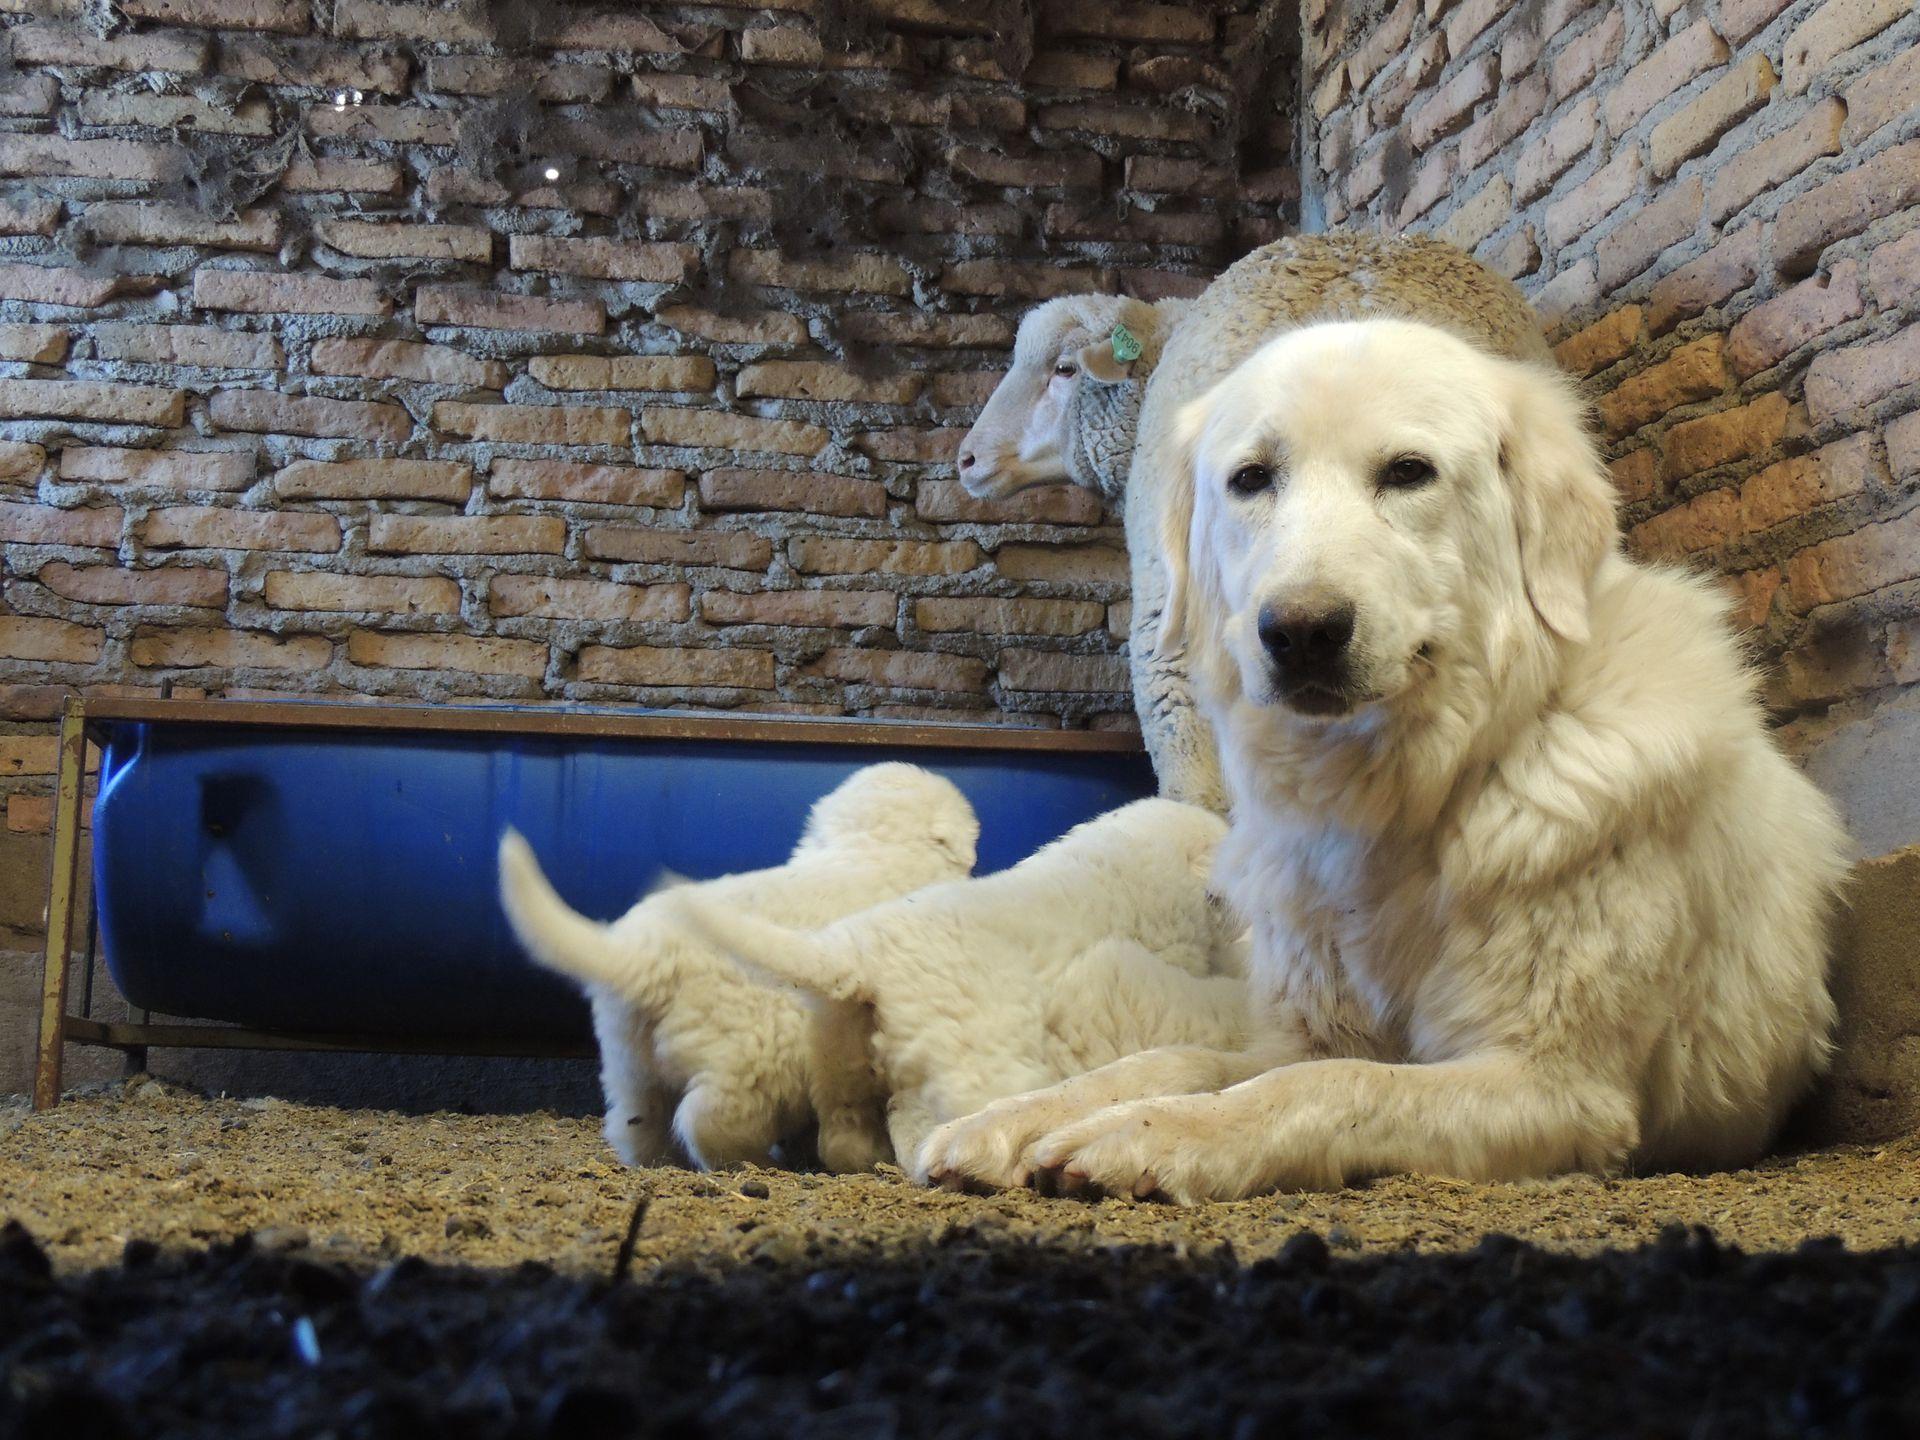 Los perros se crían junto al ganado para improntarlos y formar un vínculo estrecho con los animales que van a cuidar